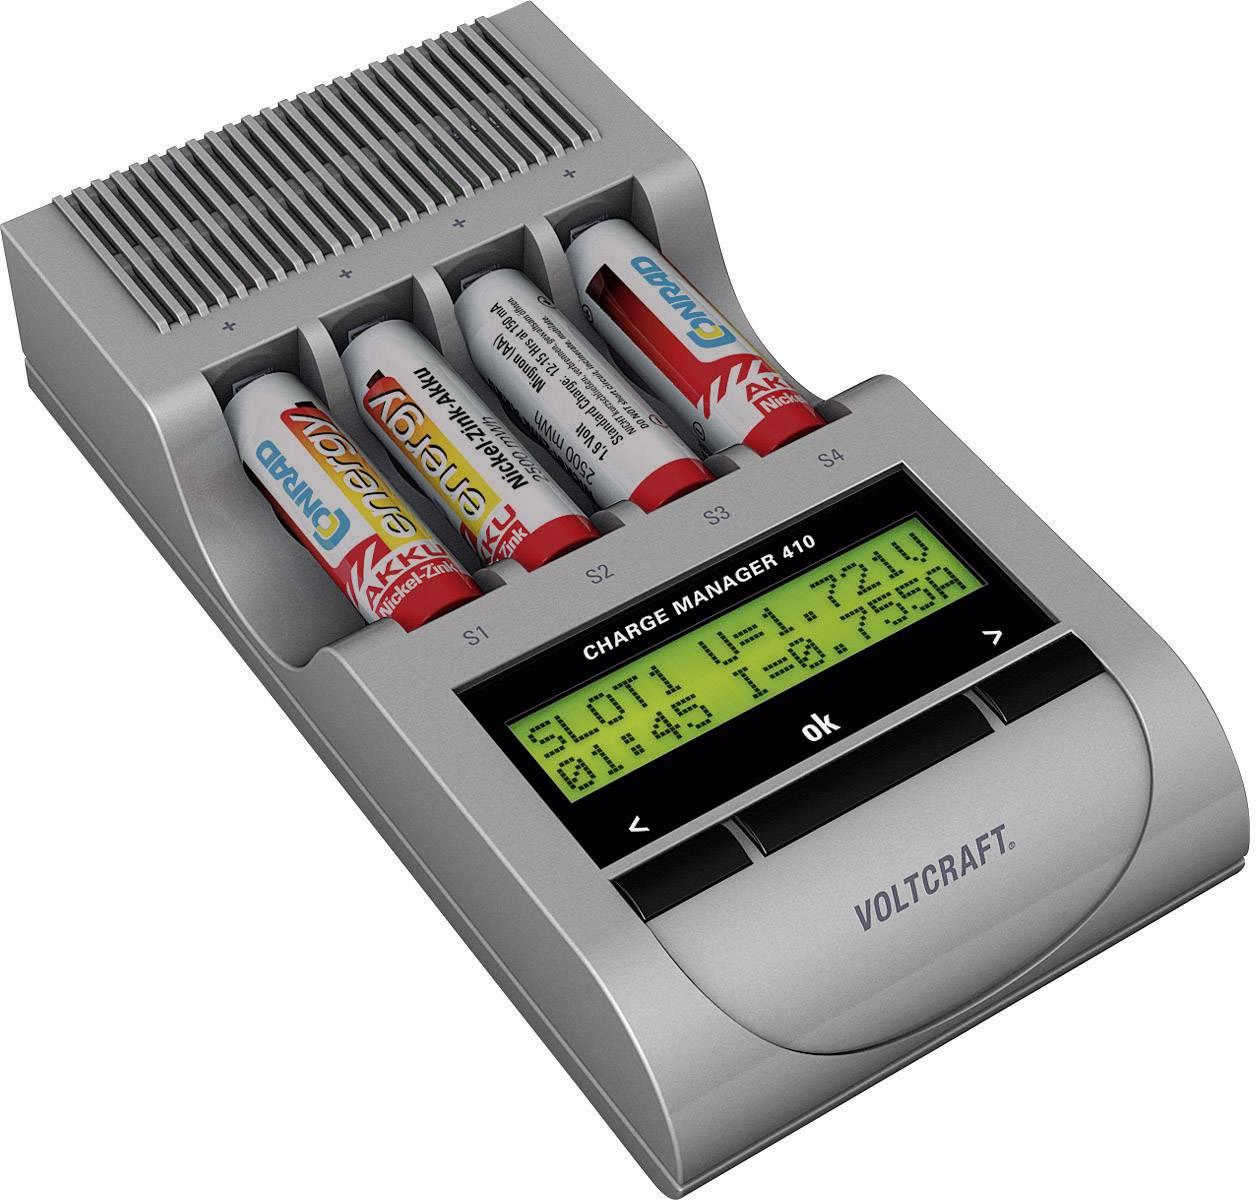 Chytrá nabíjecí stanice Voltcraft Charge Manager 410